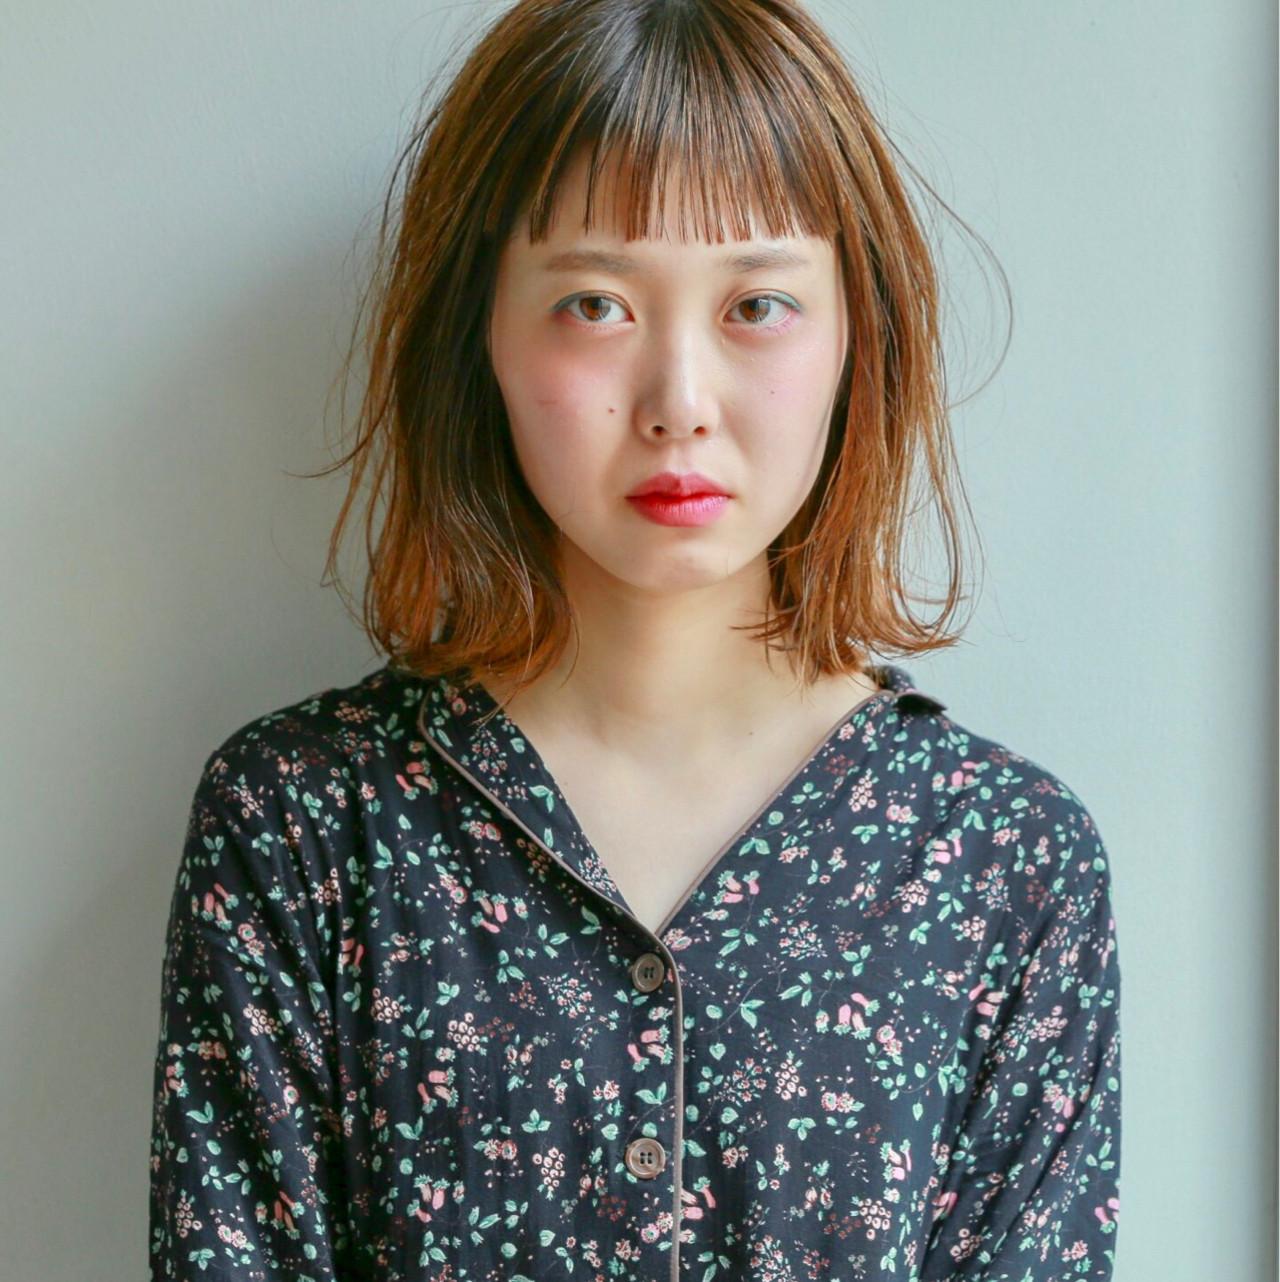 ミルクティー ナチュラル 前髪あり ミディアム ヘアスタイルや髪型の写真・画像 | 藤山将太 / ROSTAR